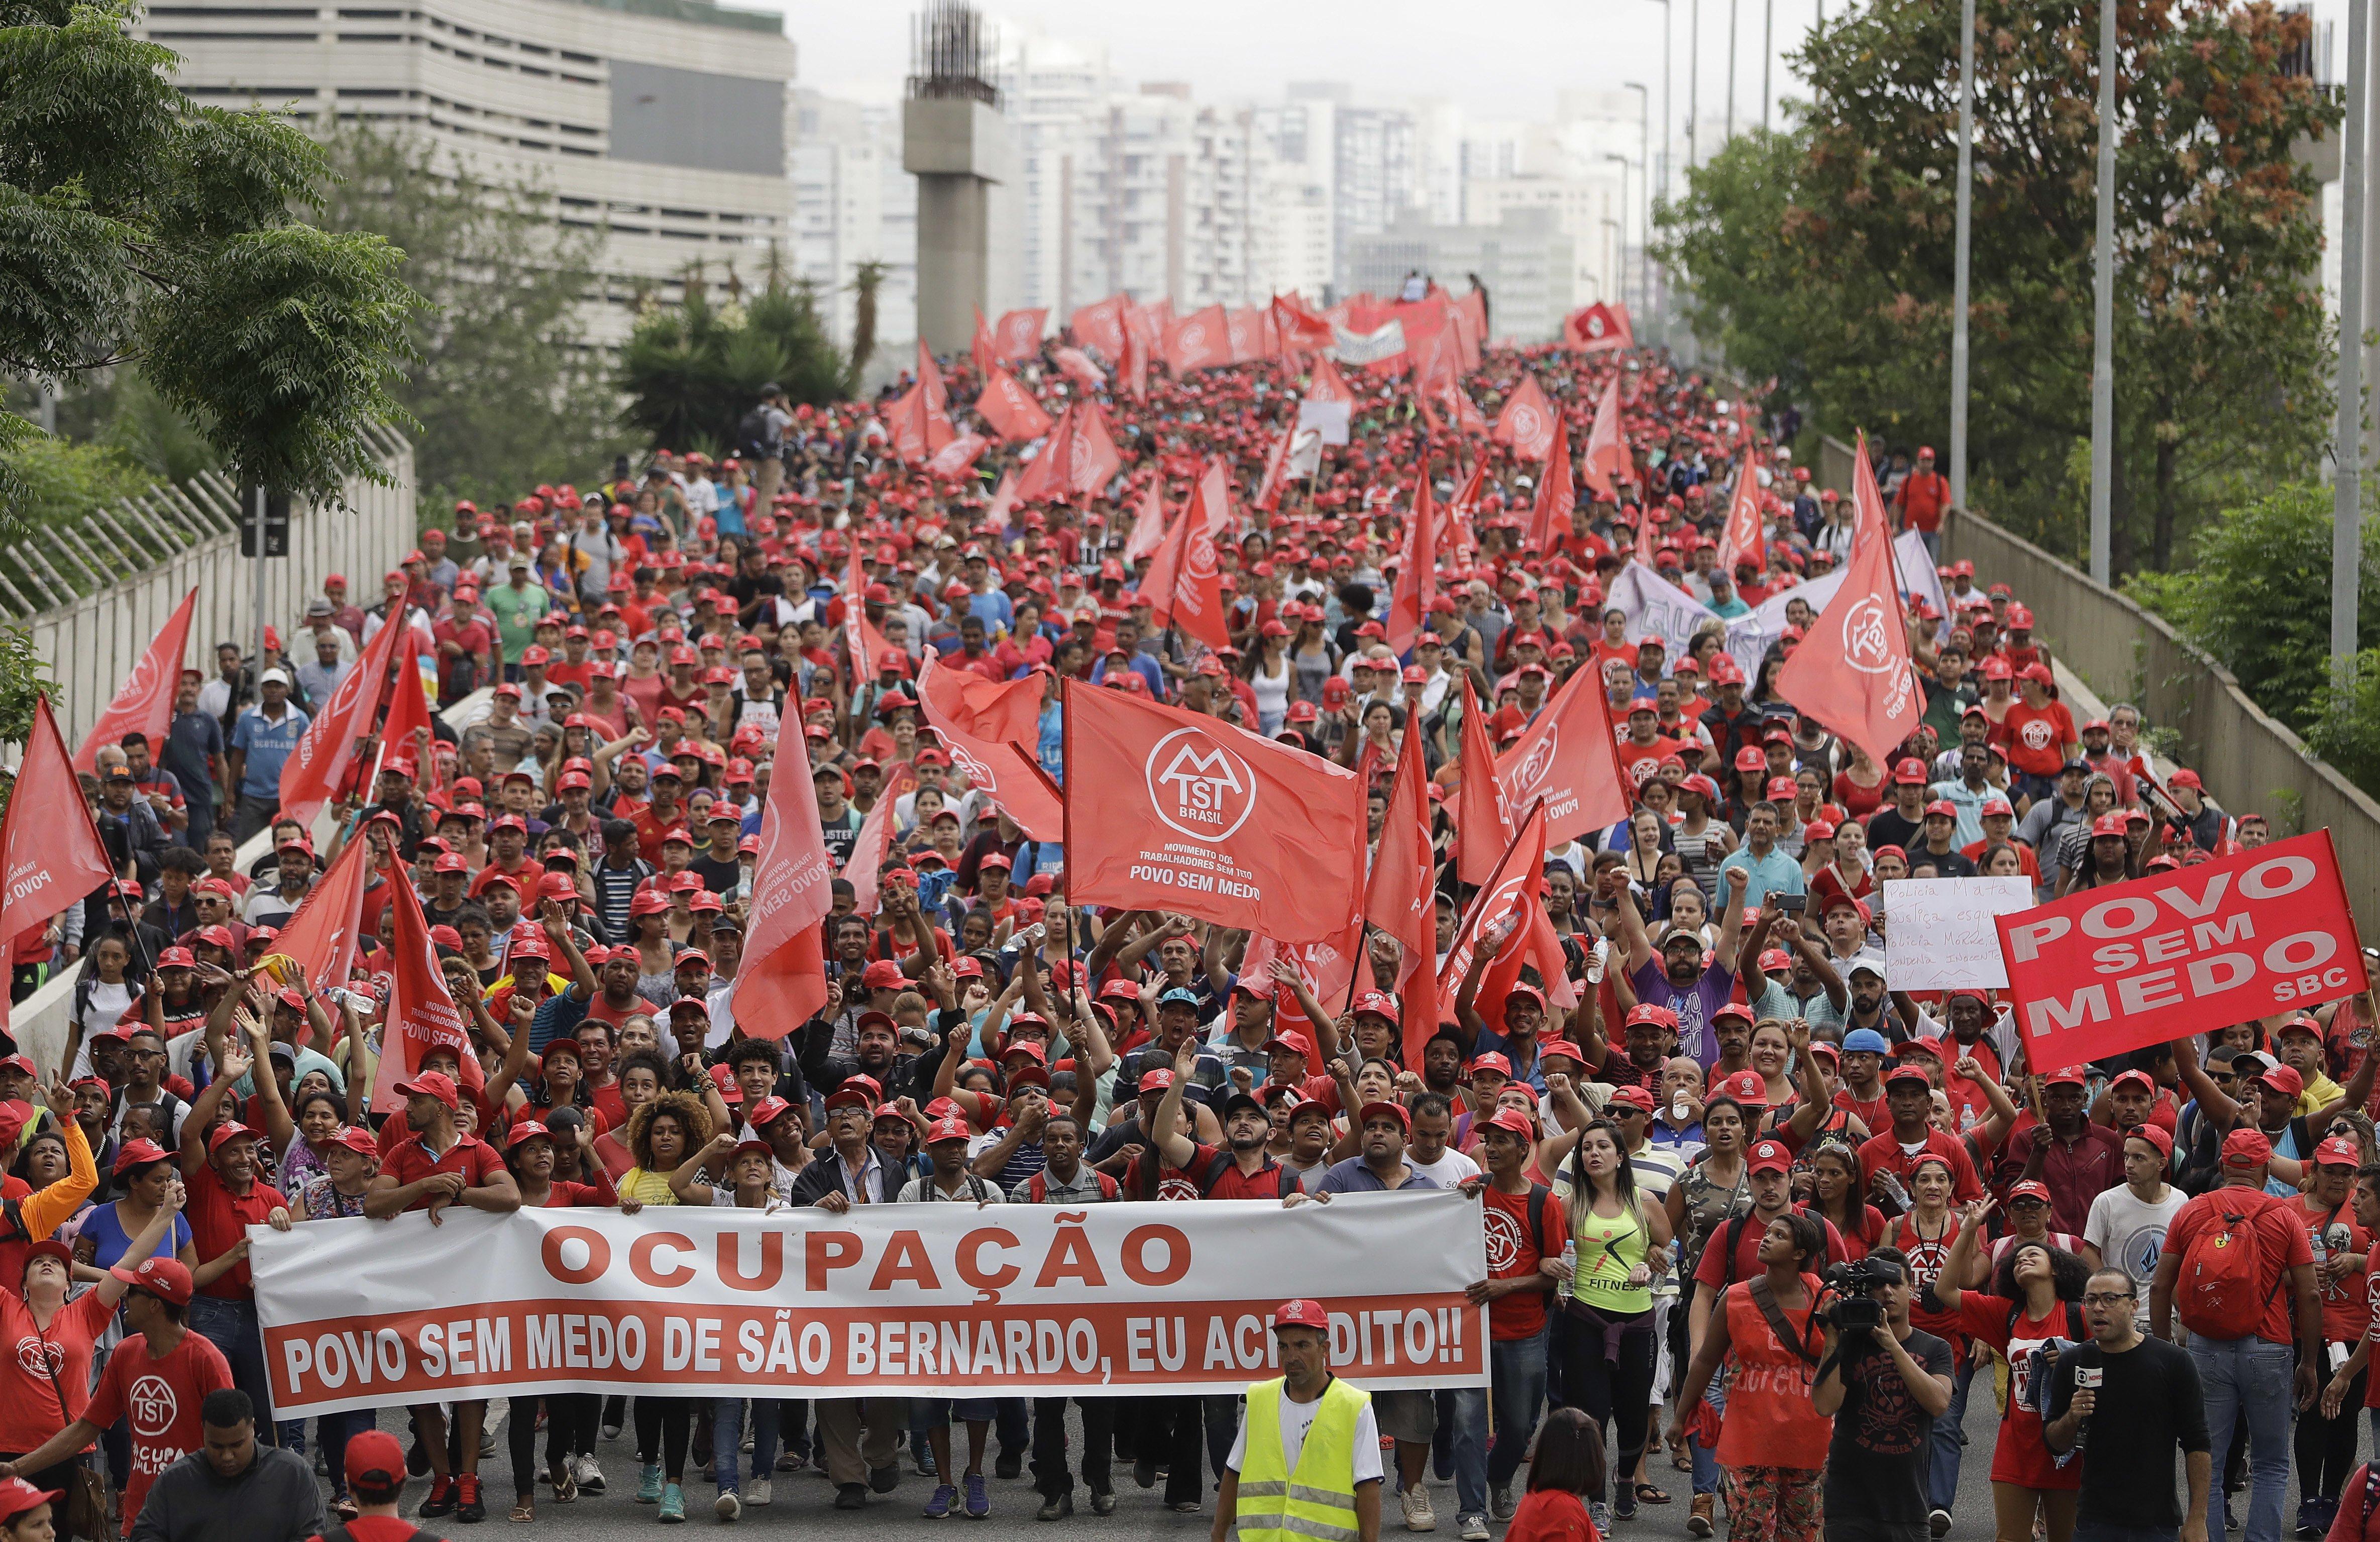 brazil-homeless-protest-sao-paulo.jpg